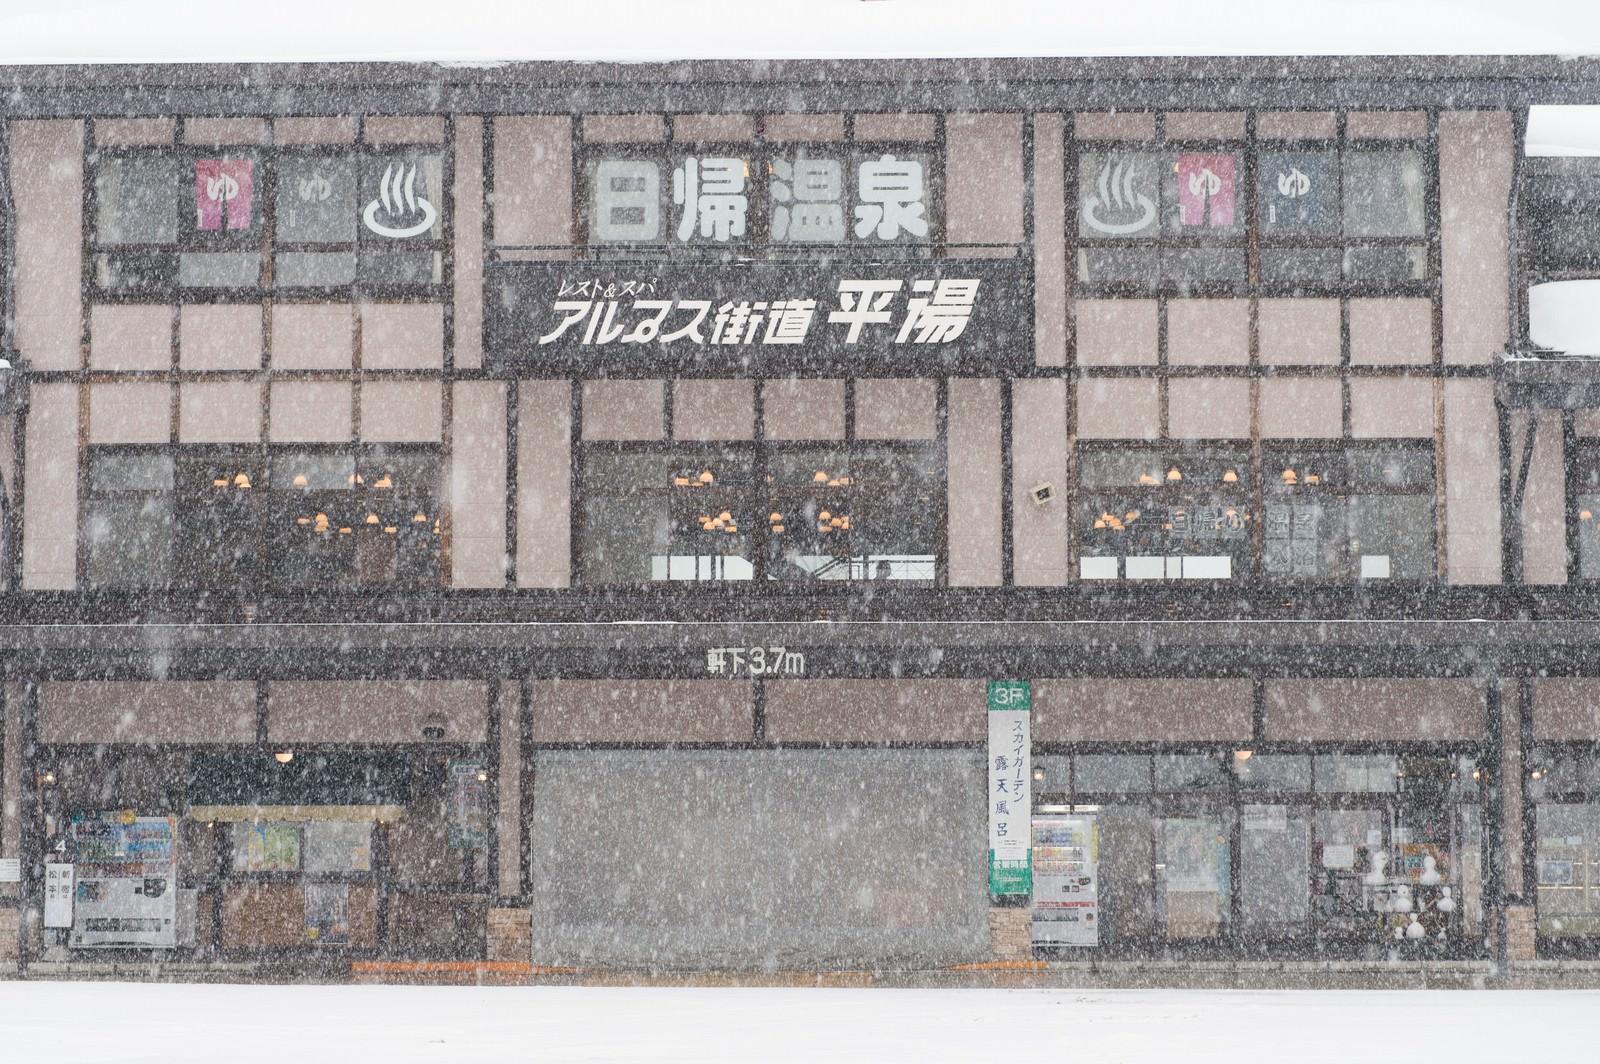 「雪が降る平湯温泉バスターミナル前雪が降る平湯温泉バスターミナル前」のフリー写真素材を拡大